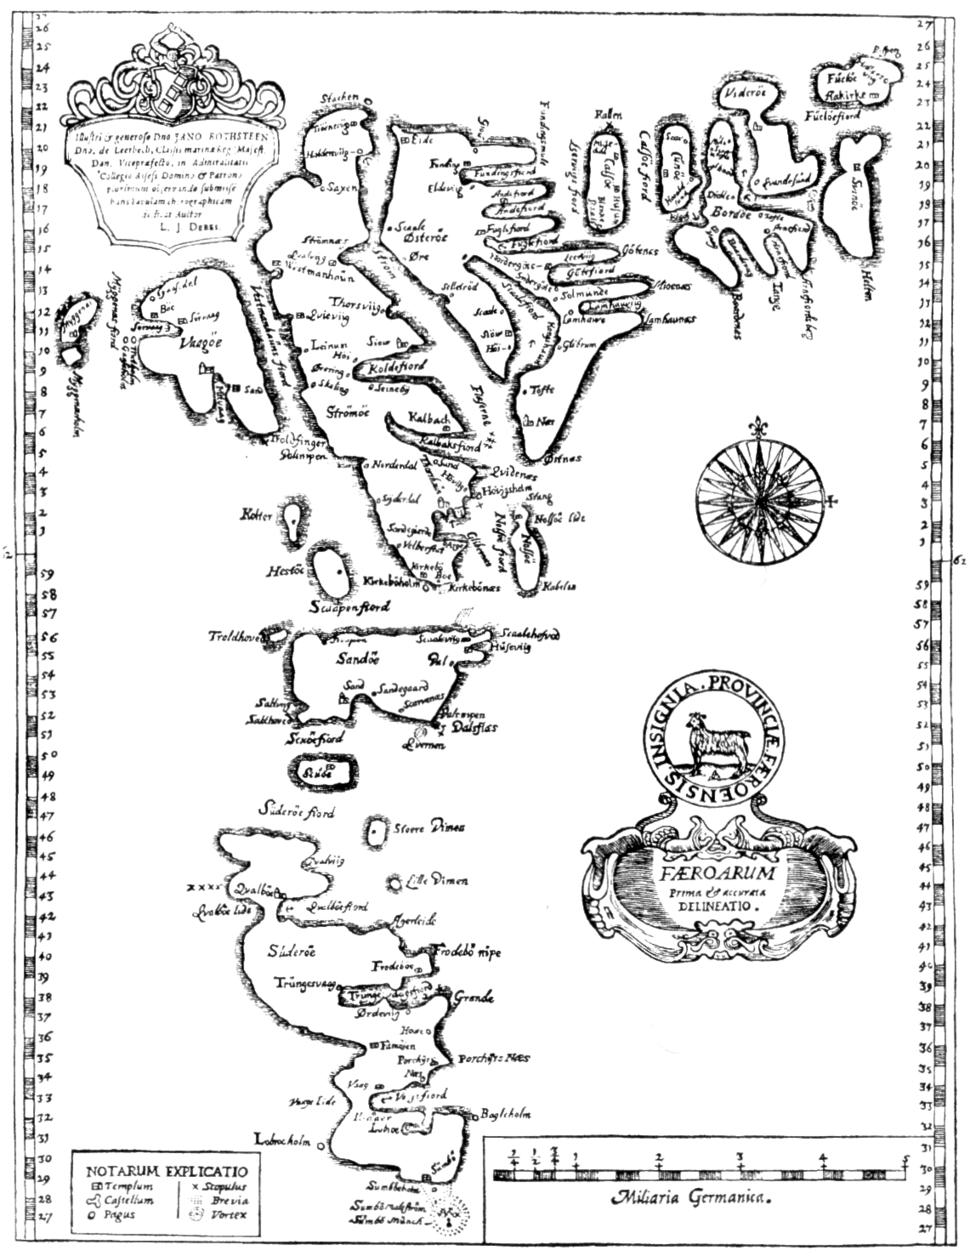 Faroe map 1673 by lucas debes